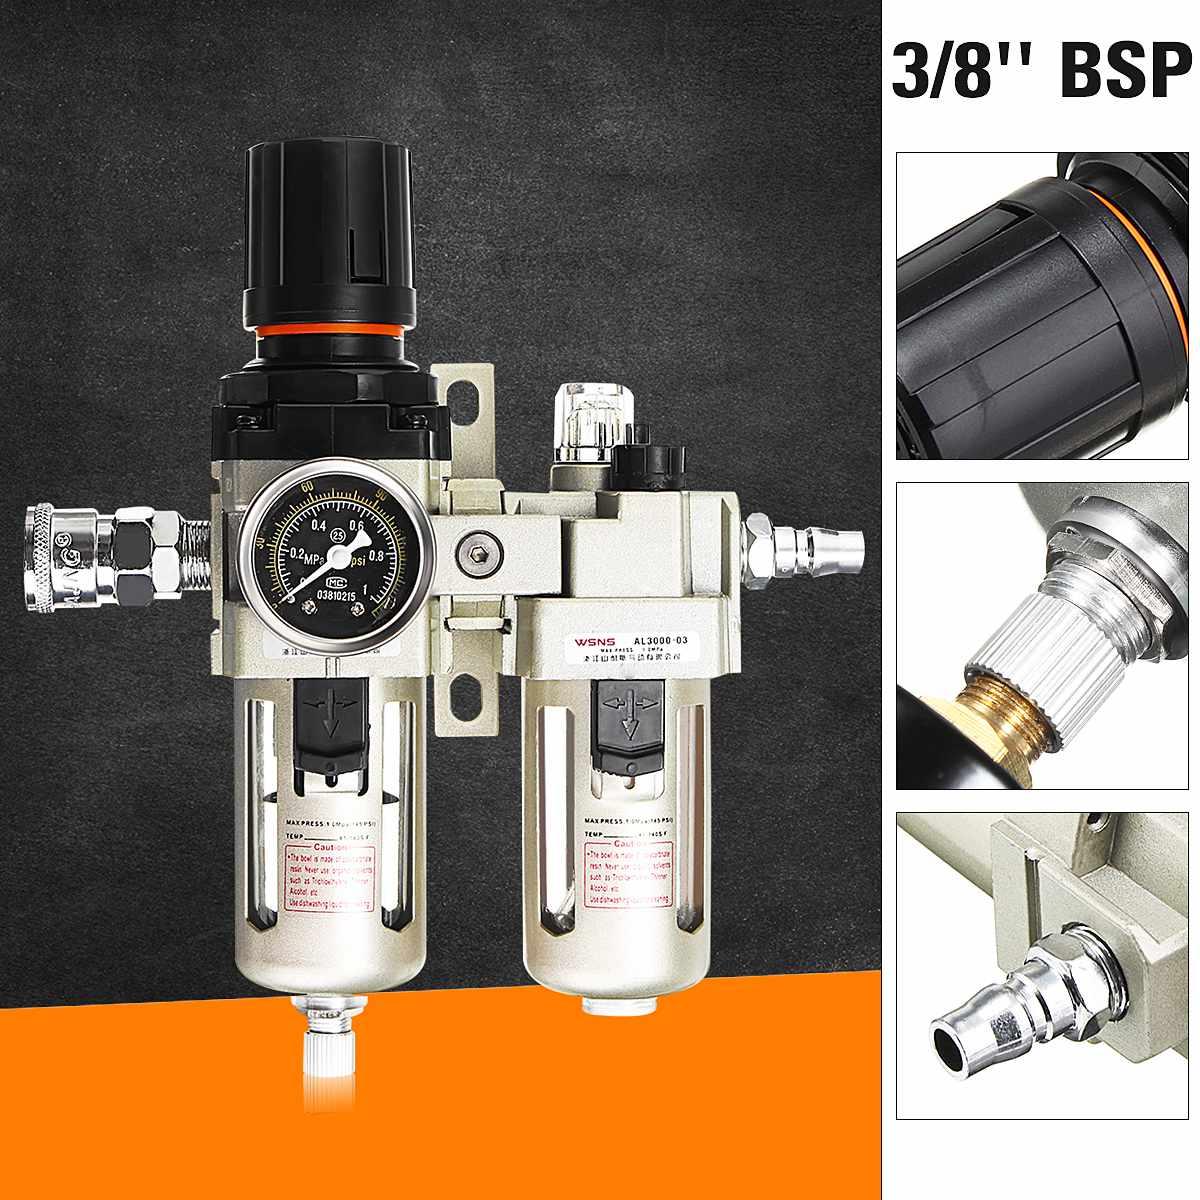 3/8 compresseur d'air lubrificateur d'huile humidité piège à eau filtre régulateur jauge en alliage d'aluminium pièces pneumatiques matériel mécanique